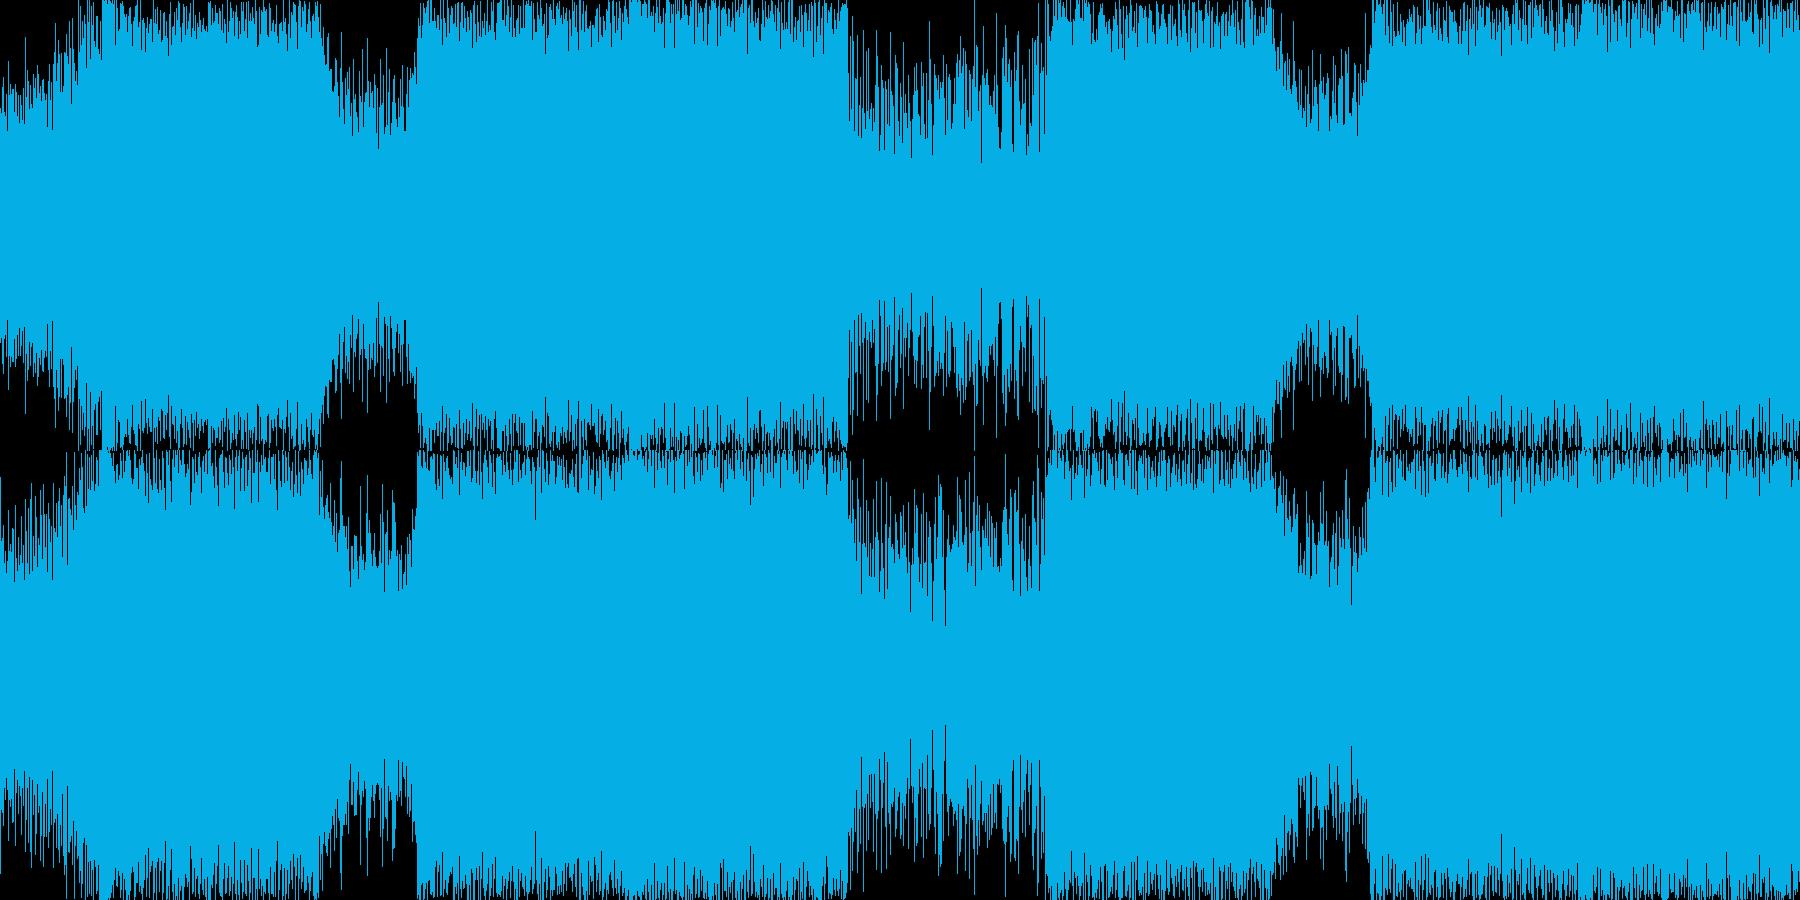 探索系の曲<loop仕様> 【RPG、…の再生済みの波形